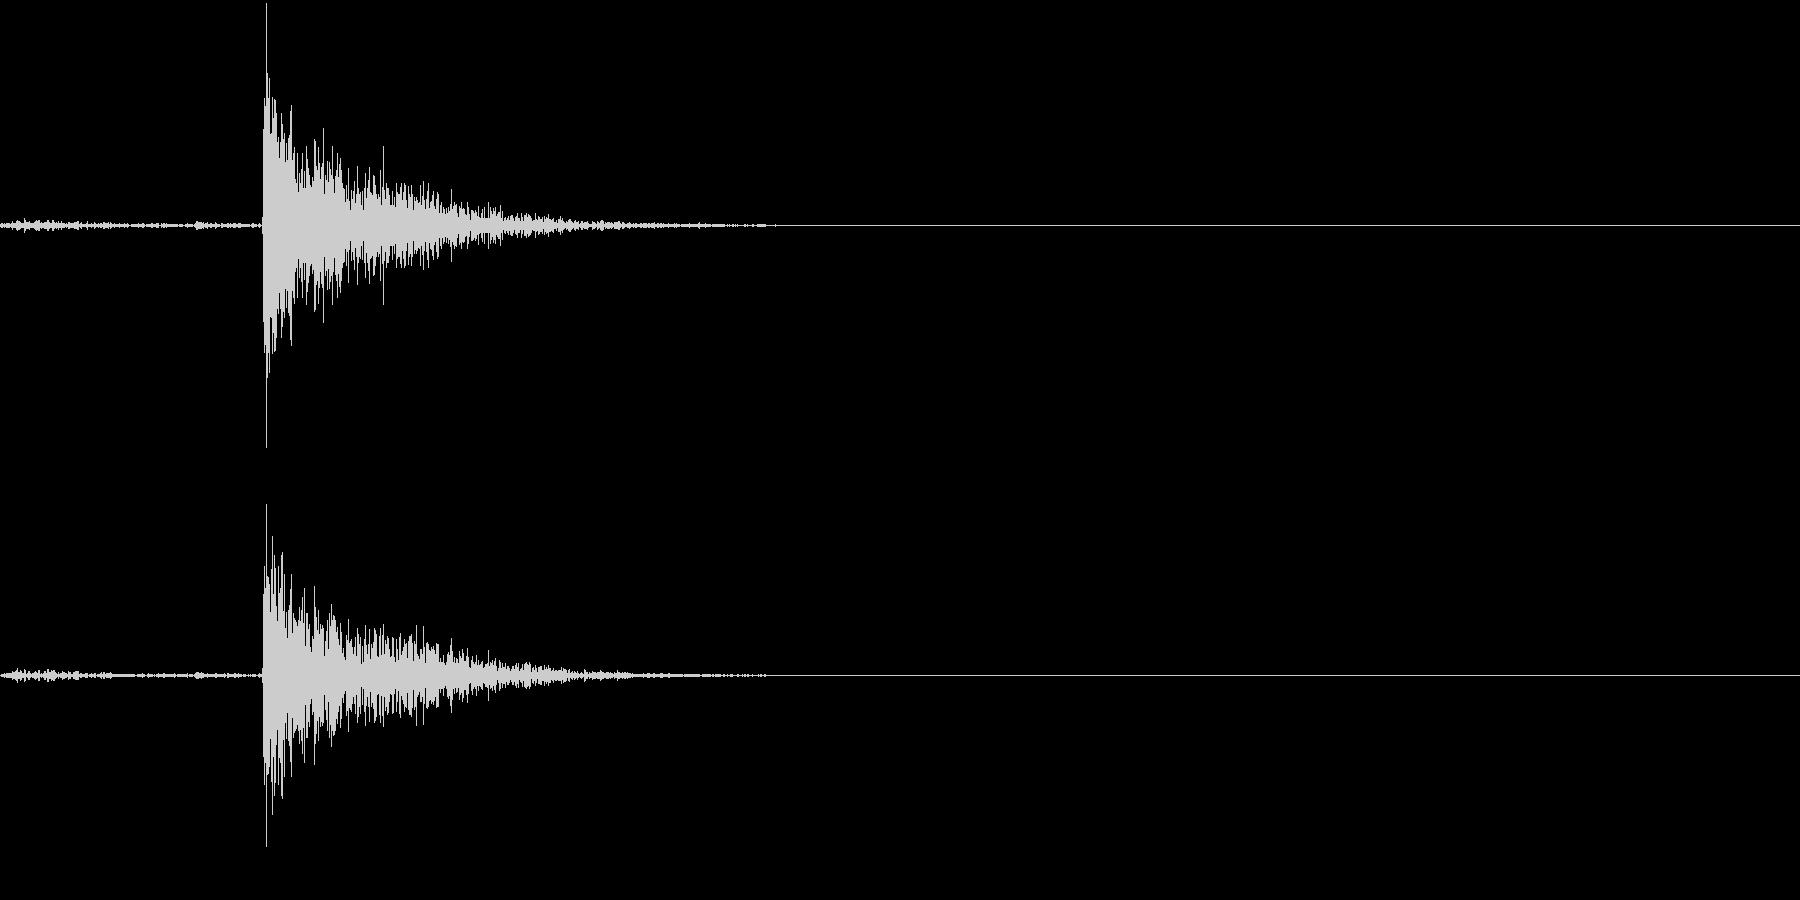 【生録音】コンロからヤカンを持ち上げる音の未再生の波形